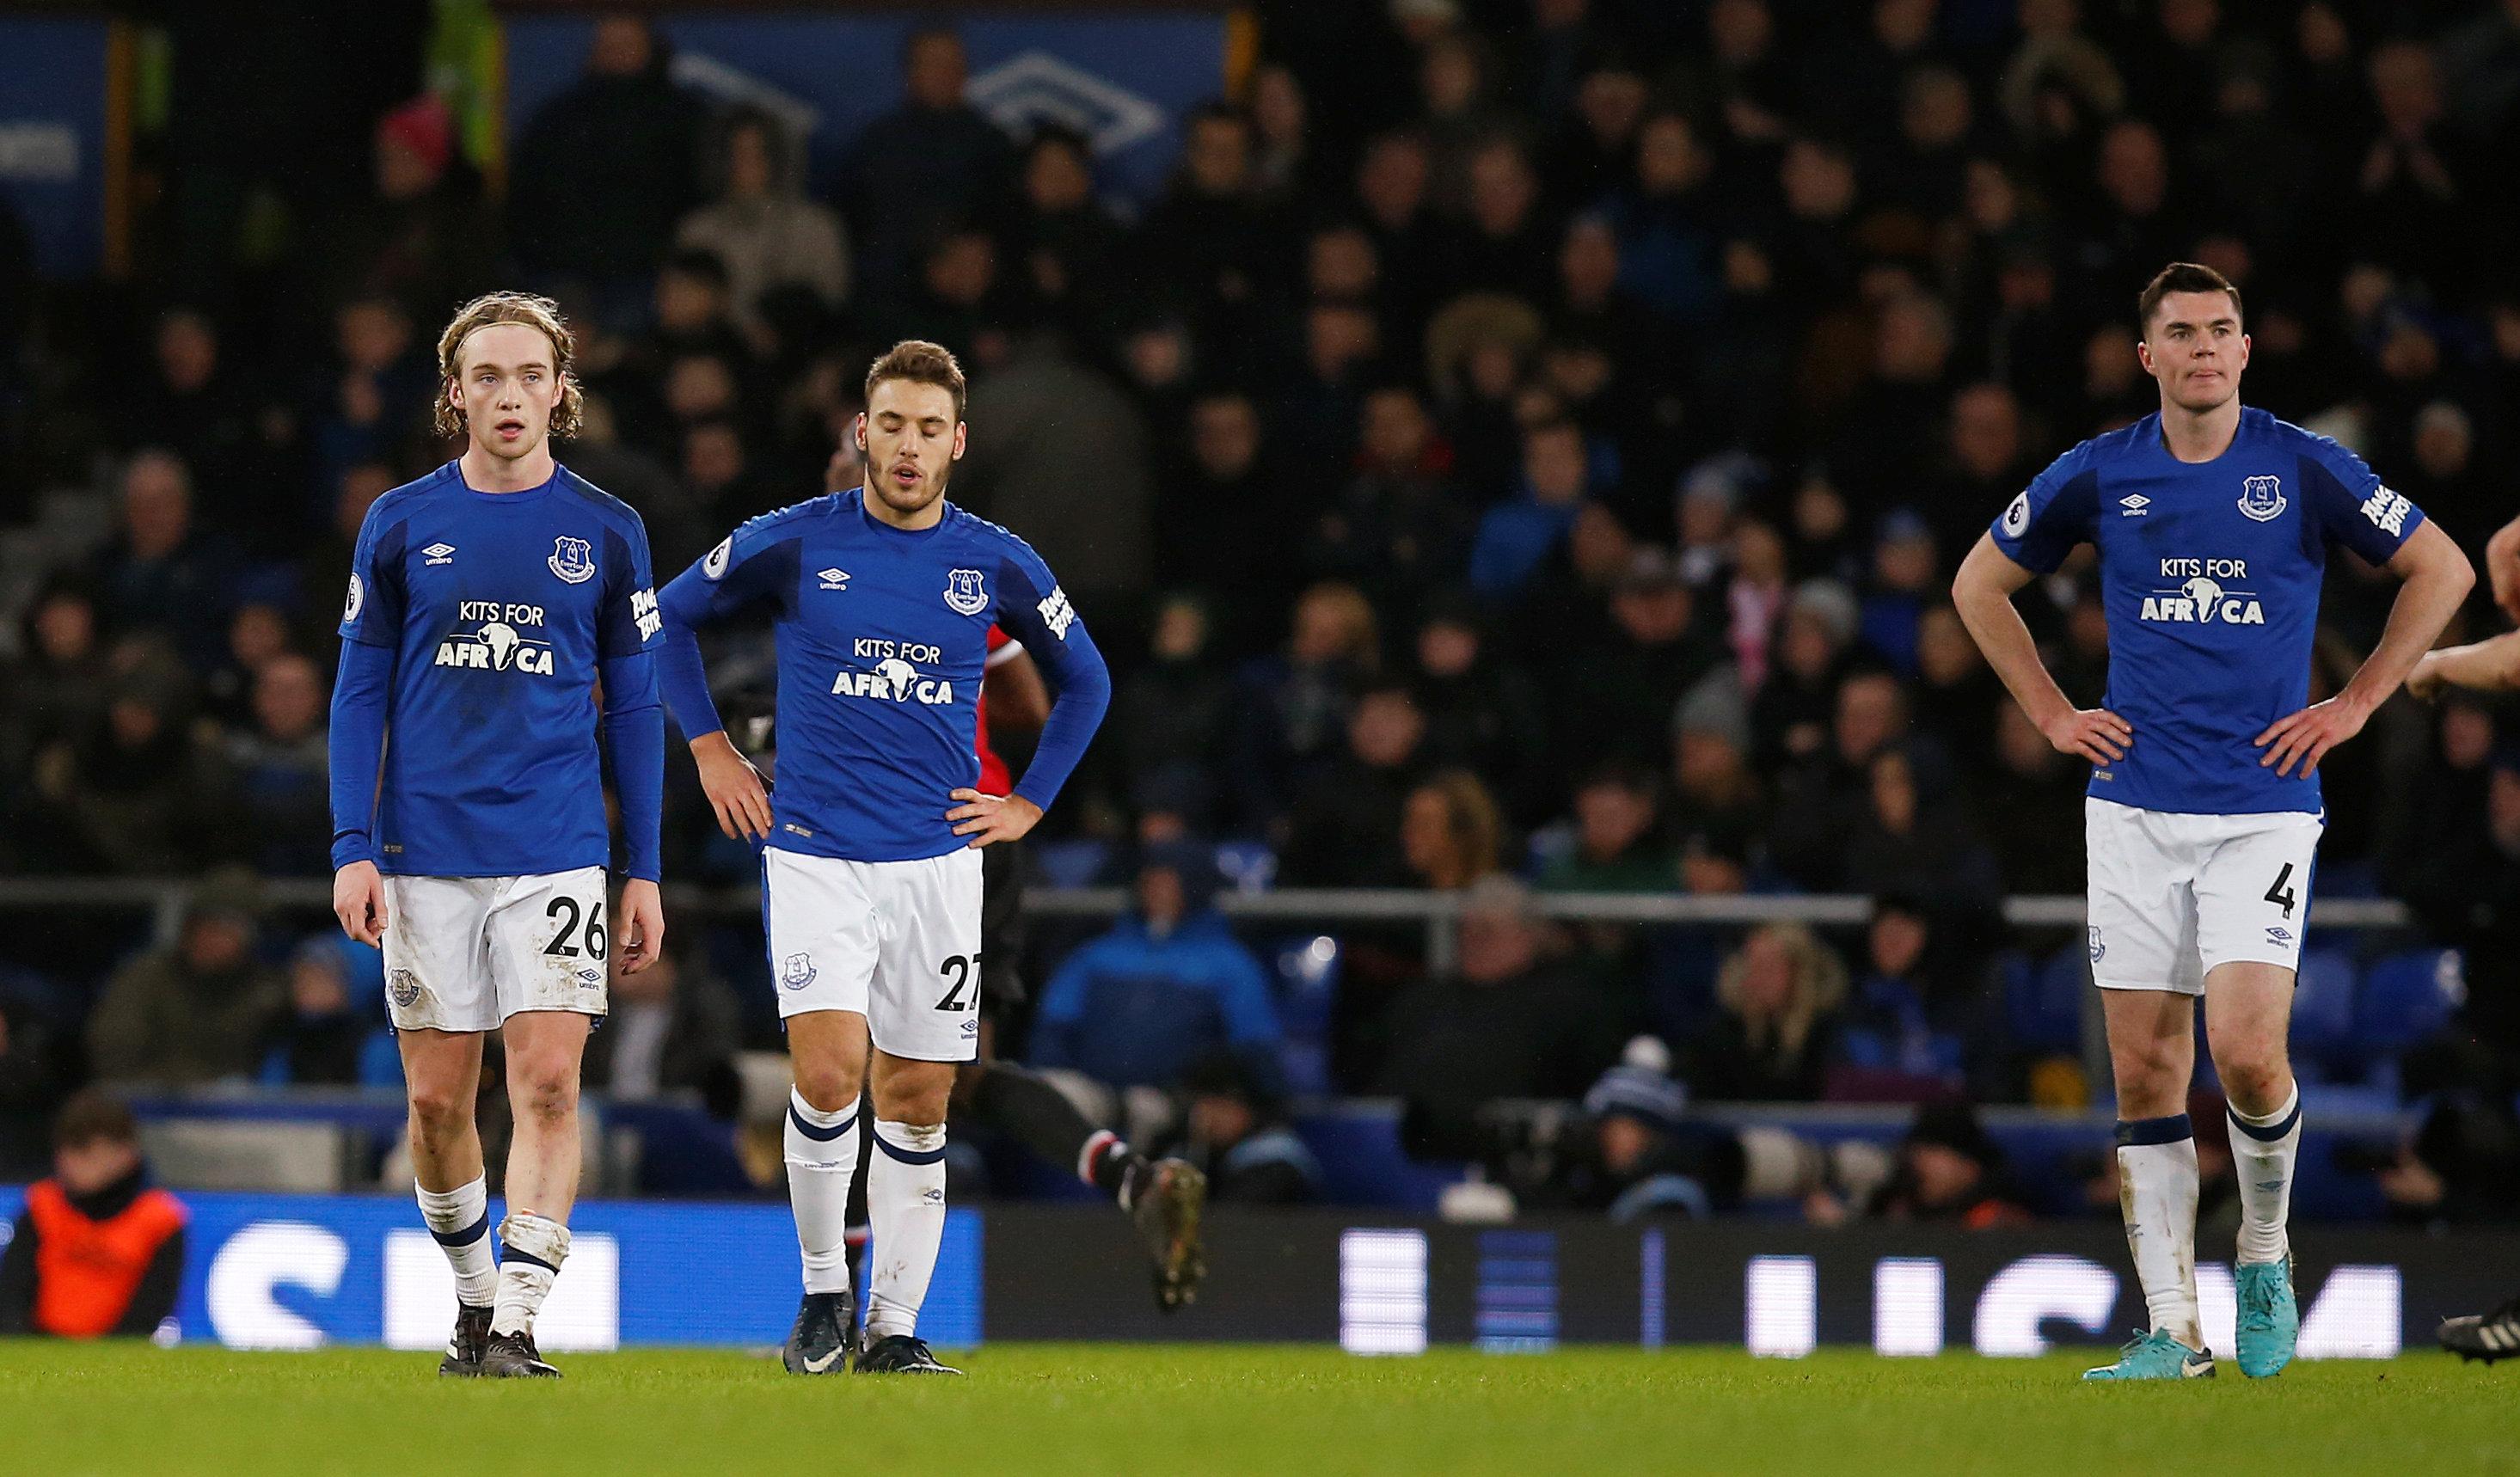 Nỗi thất vọng của các cầu thủ Everton sau trận thua M.U. Ảnh: REUTERS